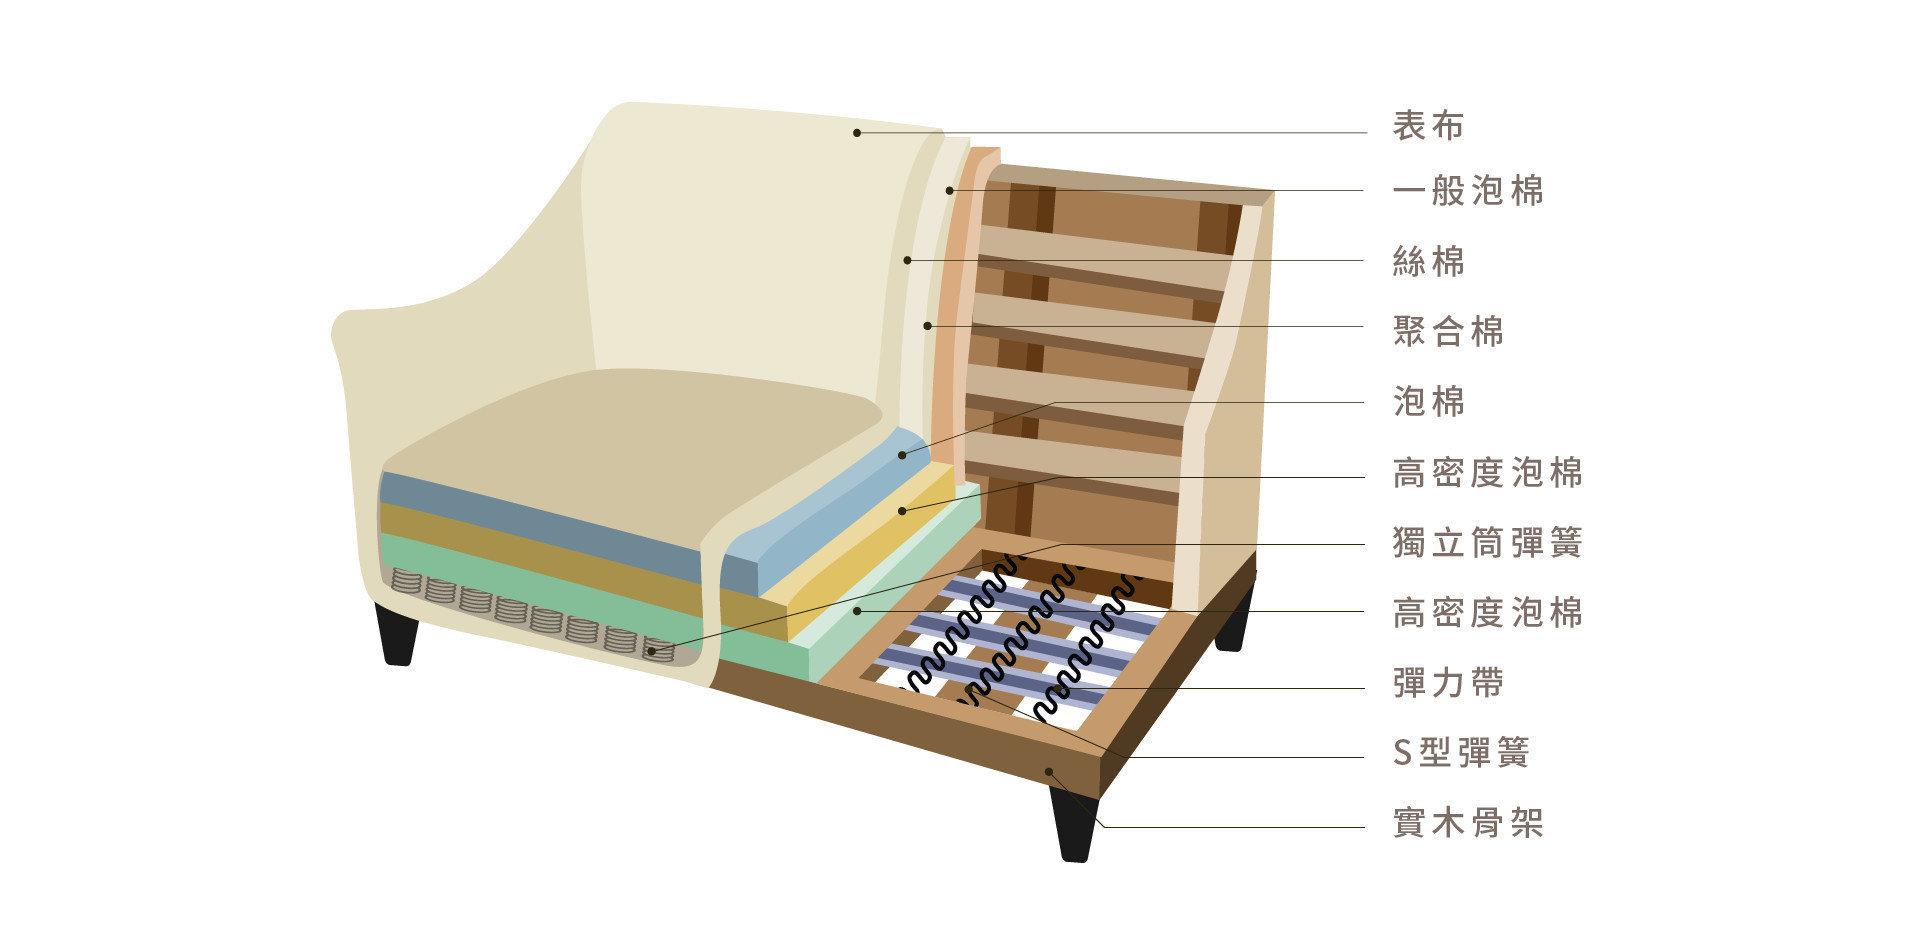 麥格沙發內材結構:高密度泡棉、獨立筒彈簧、實木骨架等